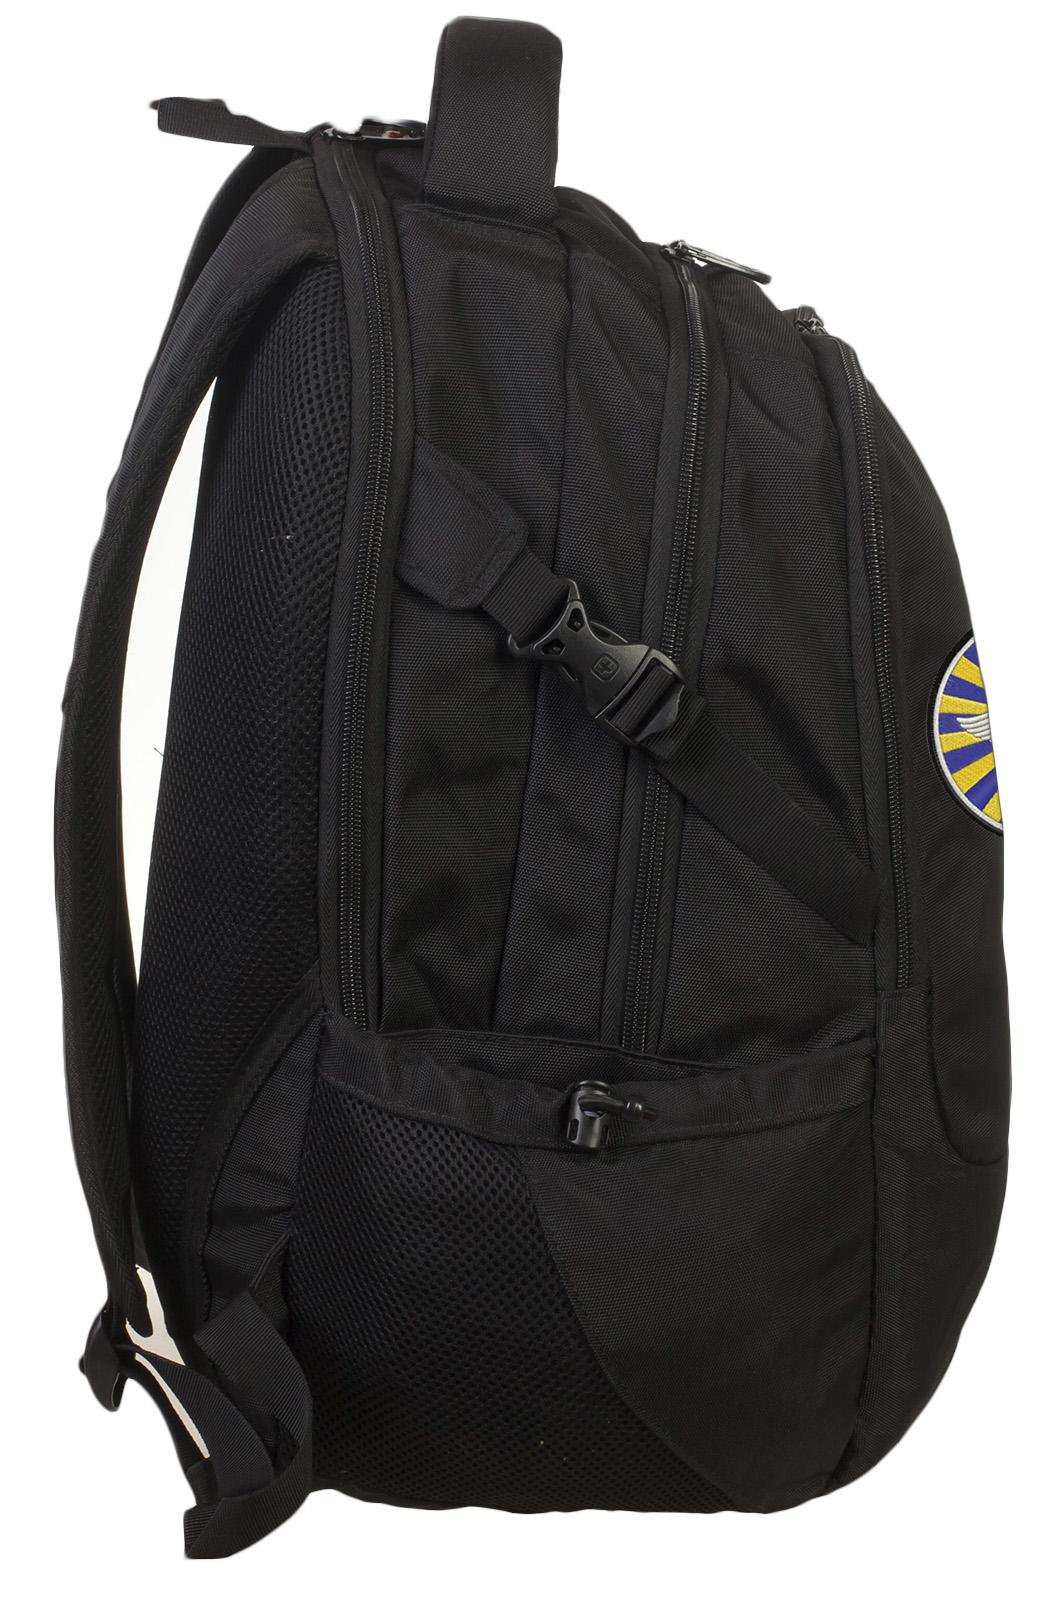 Многоцелевой эргономичный рюкзак с нашивкой ВВС - заказать выгодно